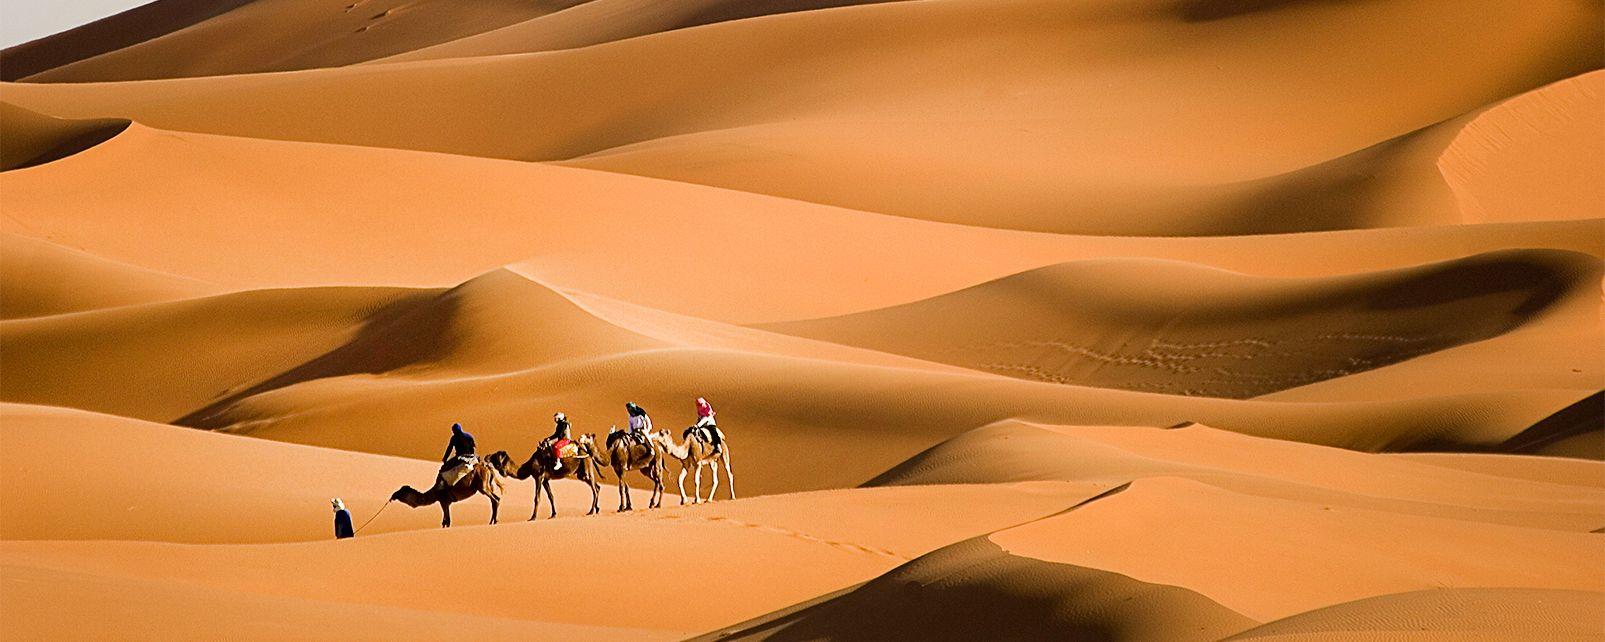 , Trekking nel deserto, Le attività e i divertimenti, Il sud del Marocco